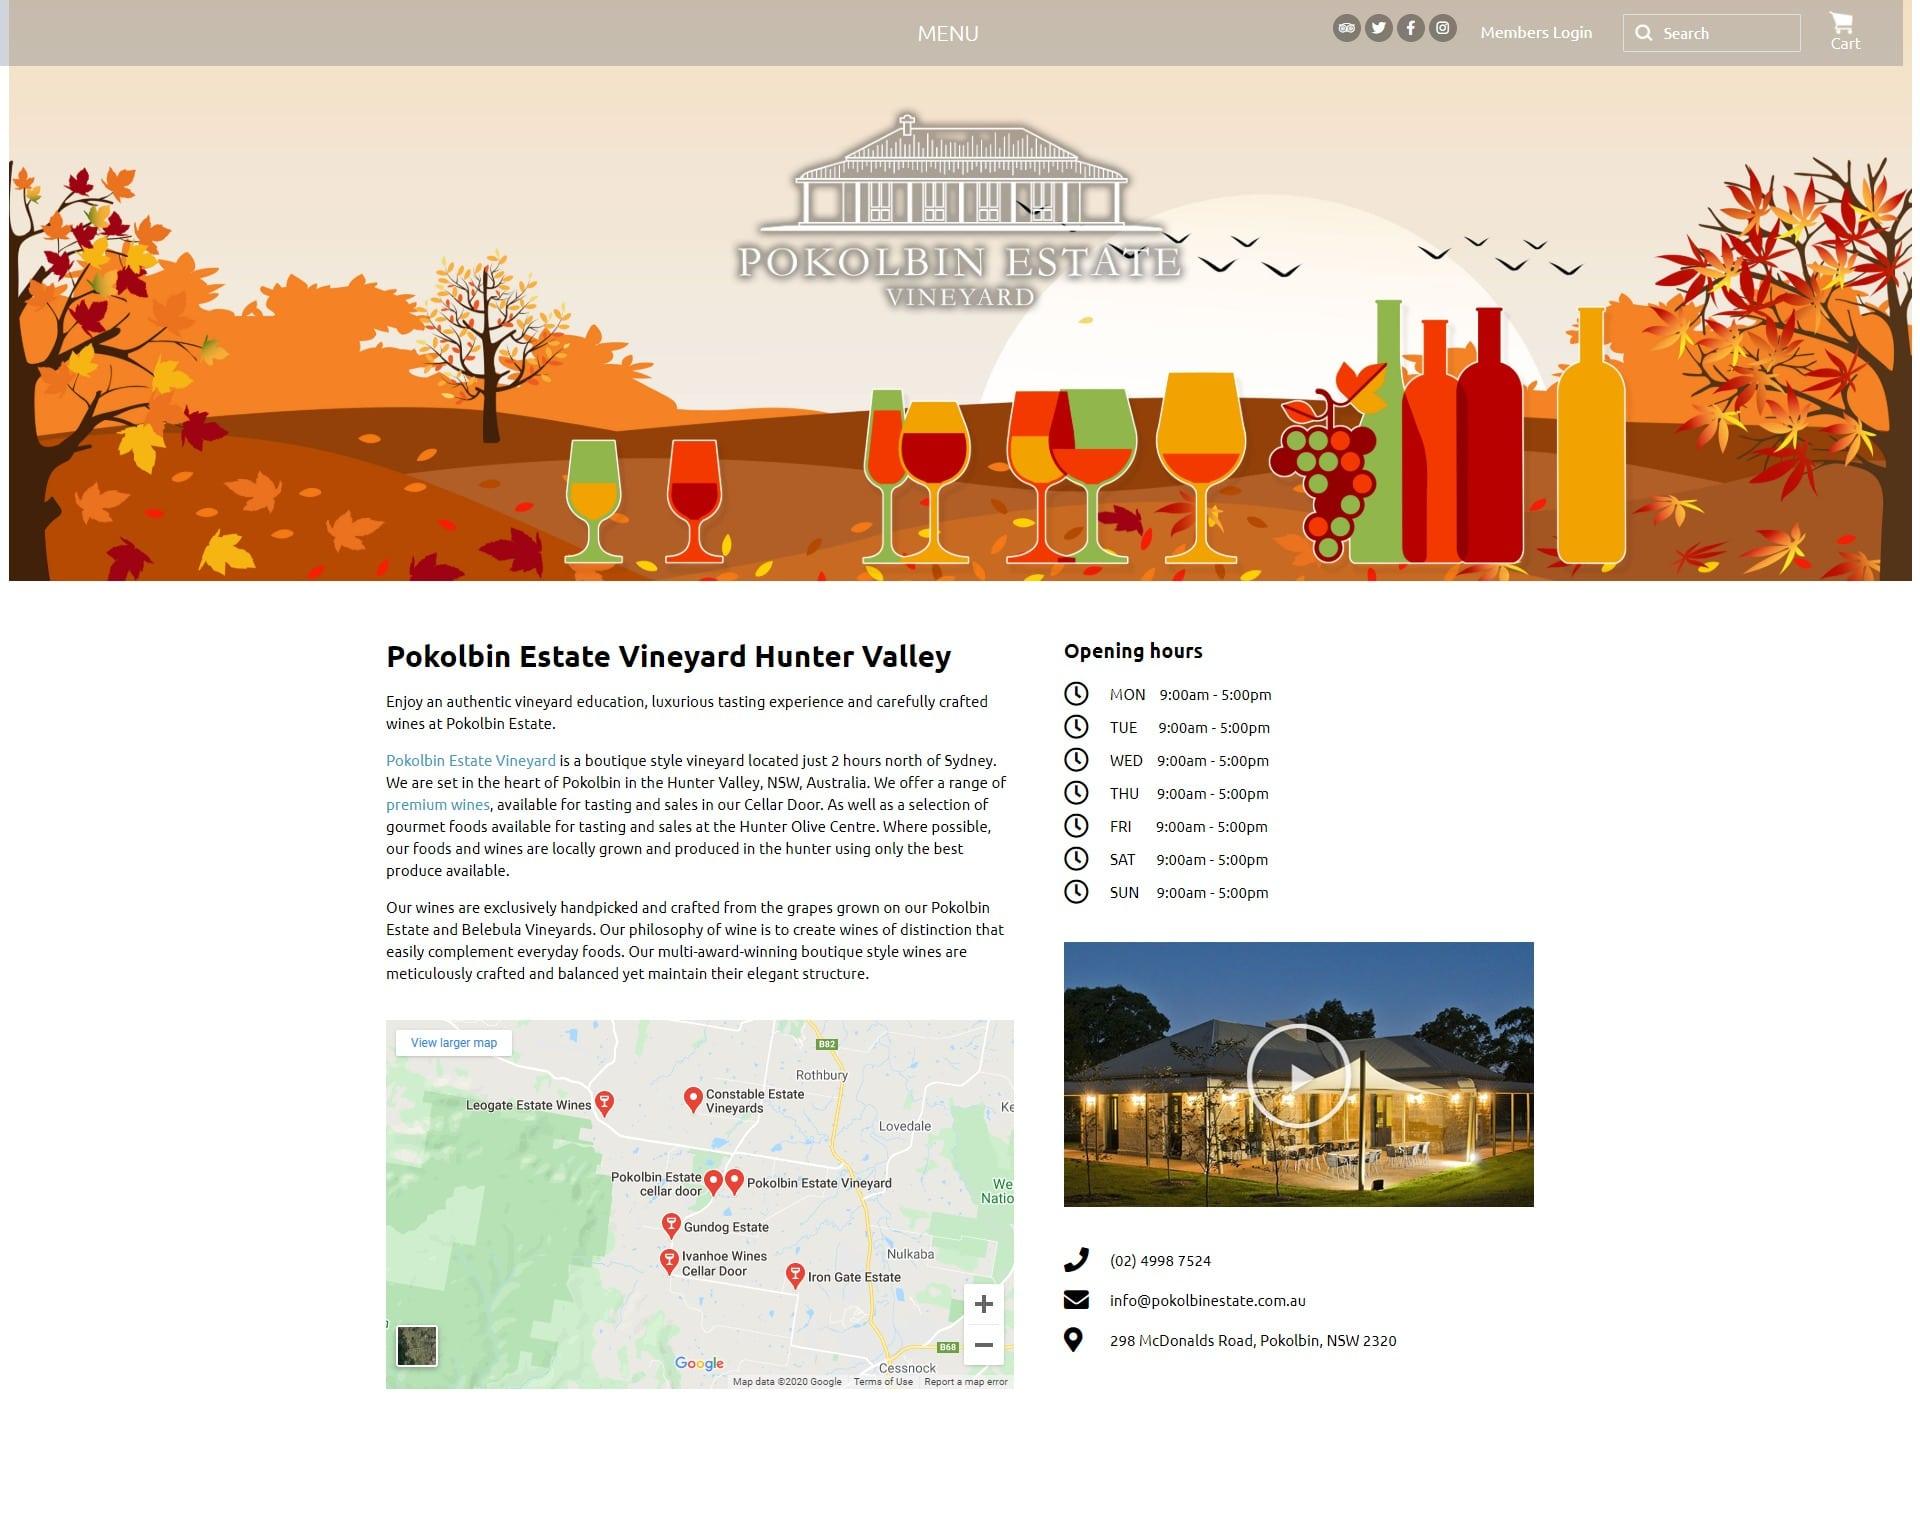 wordpress websites development in Newcastle